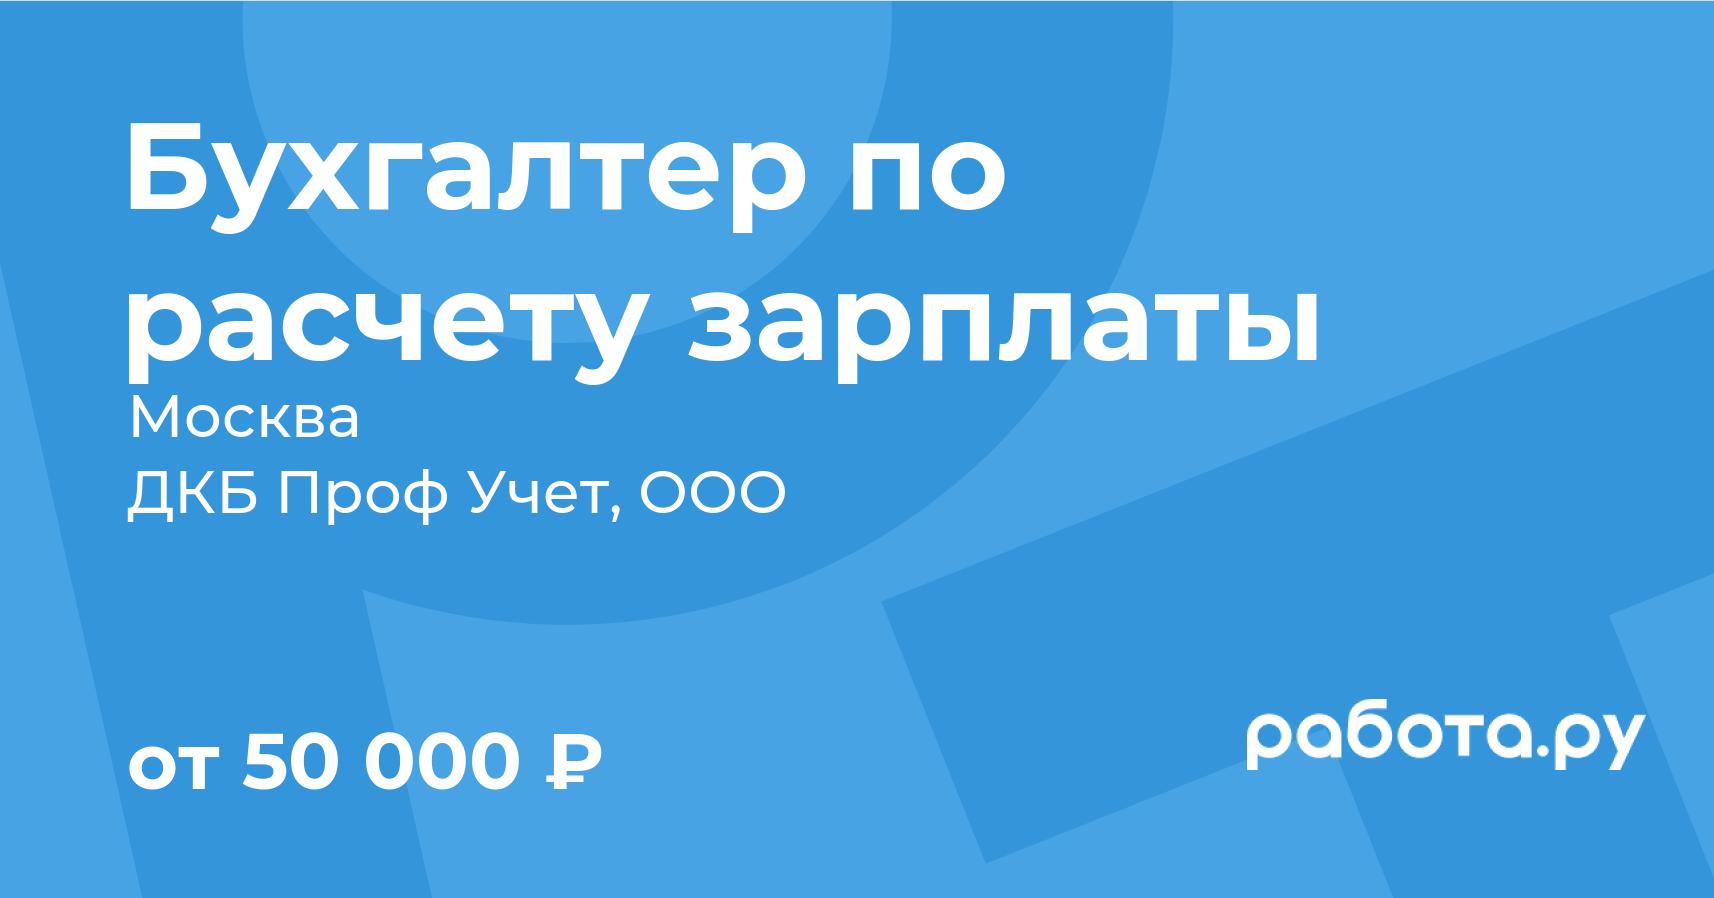 Вакансии бухгалтеров в москве удаленная работа редактор вакансии удаленная работа